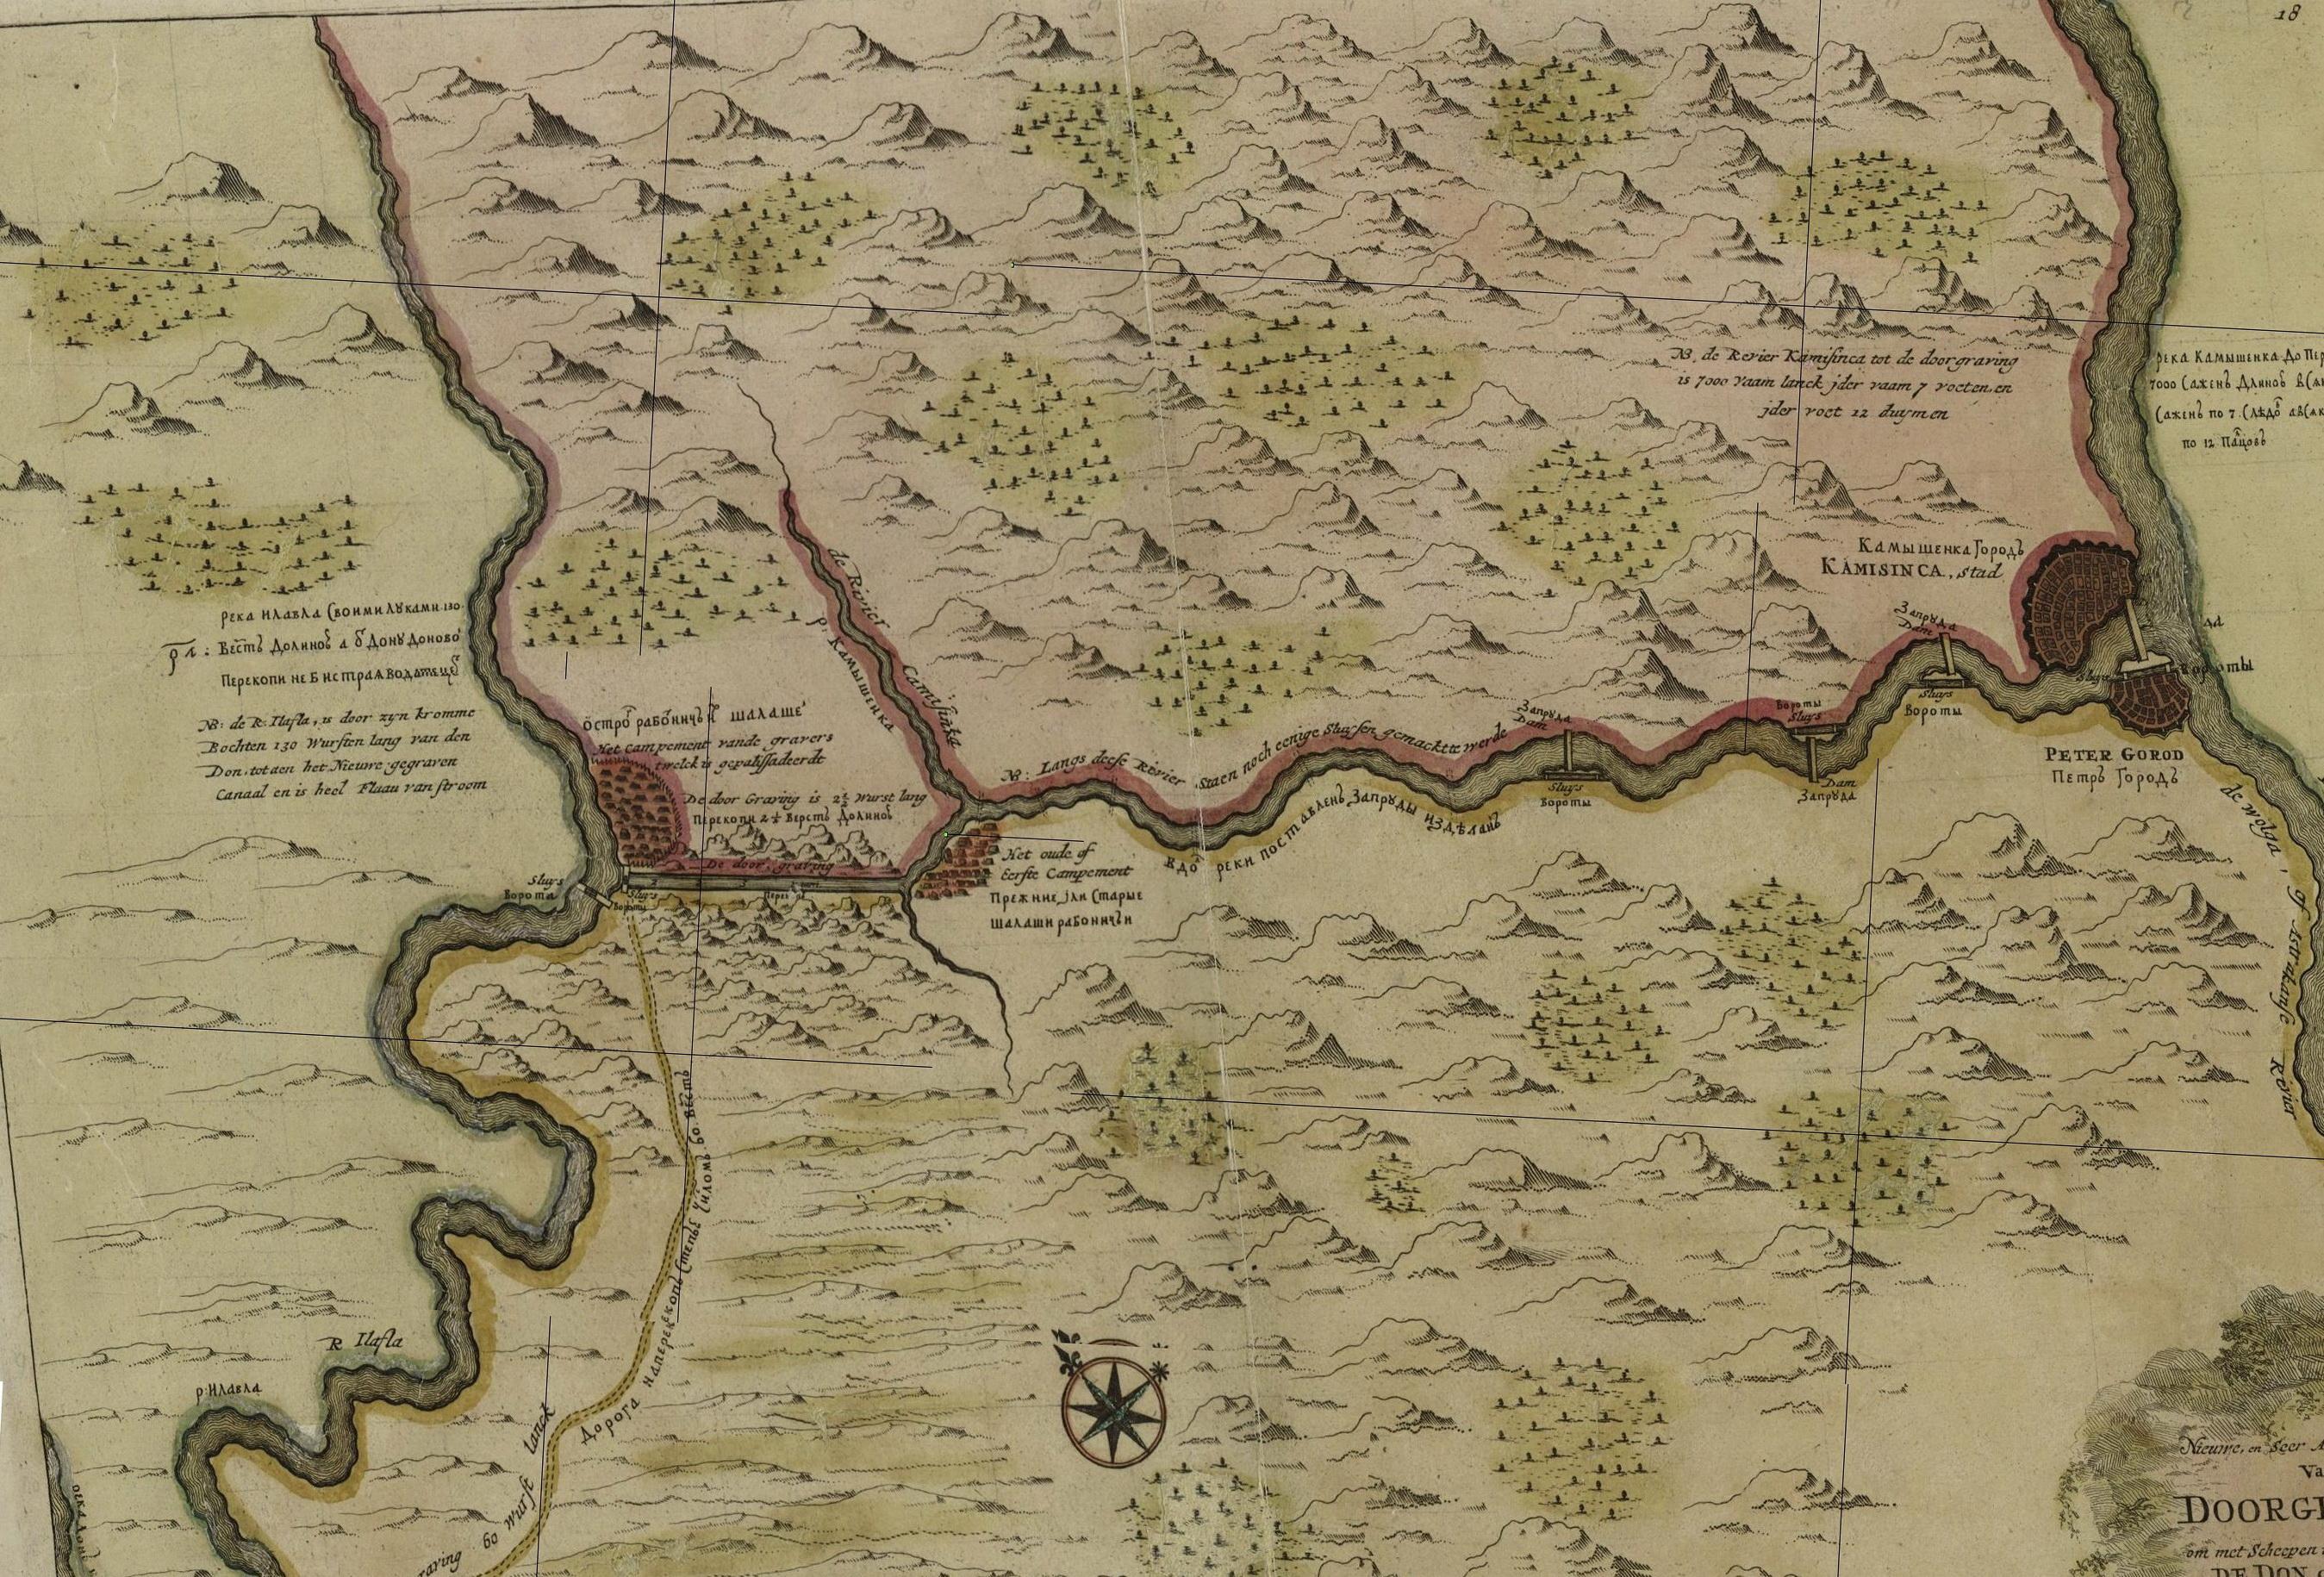 Про то, как турки рыли Волго-Донской канал в 16 веке